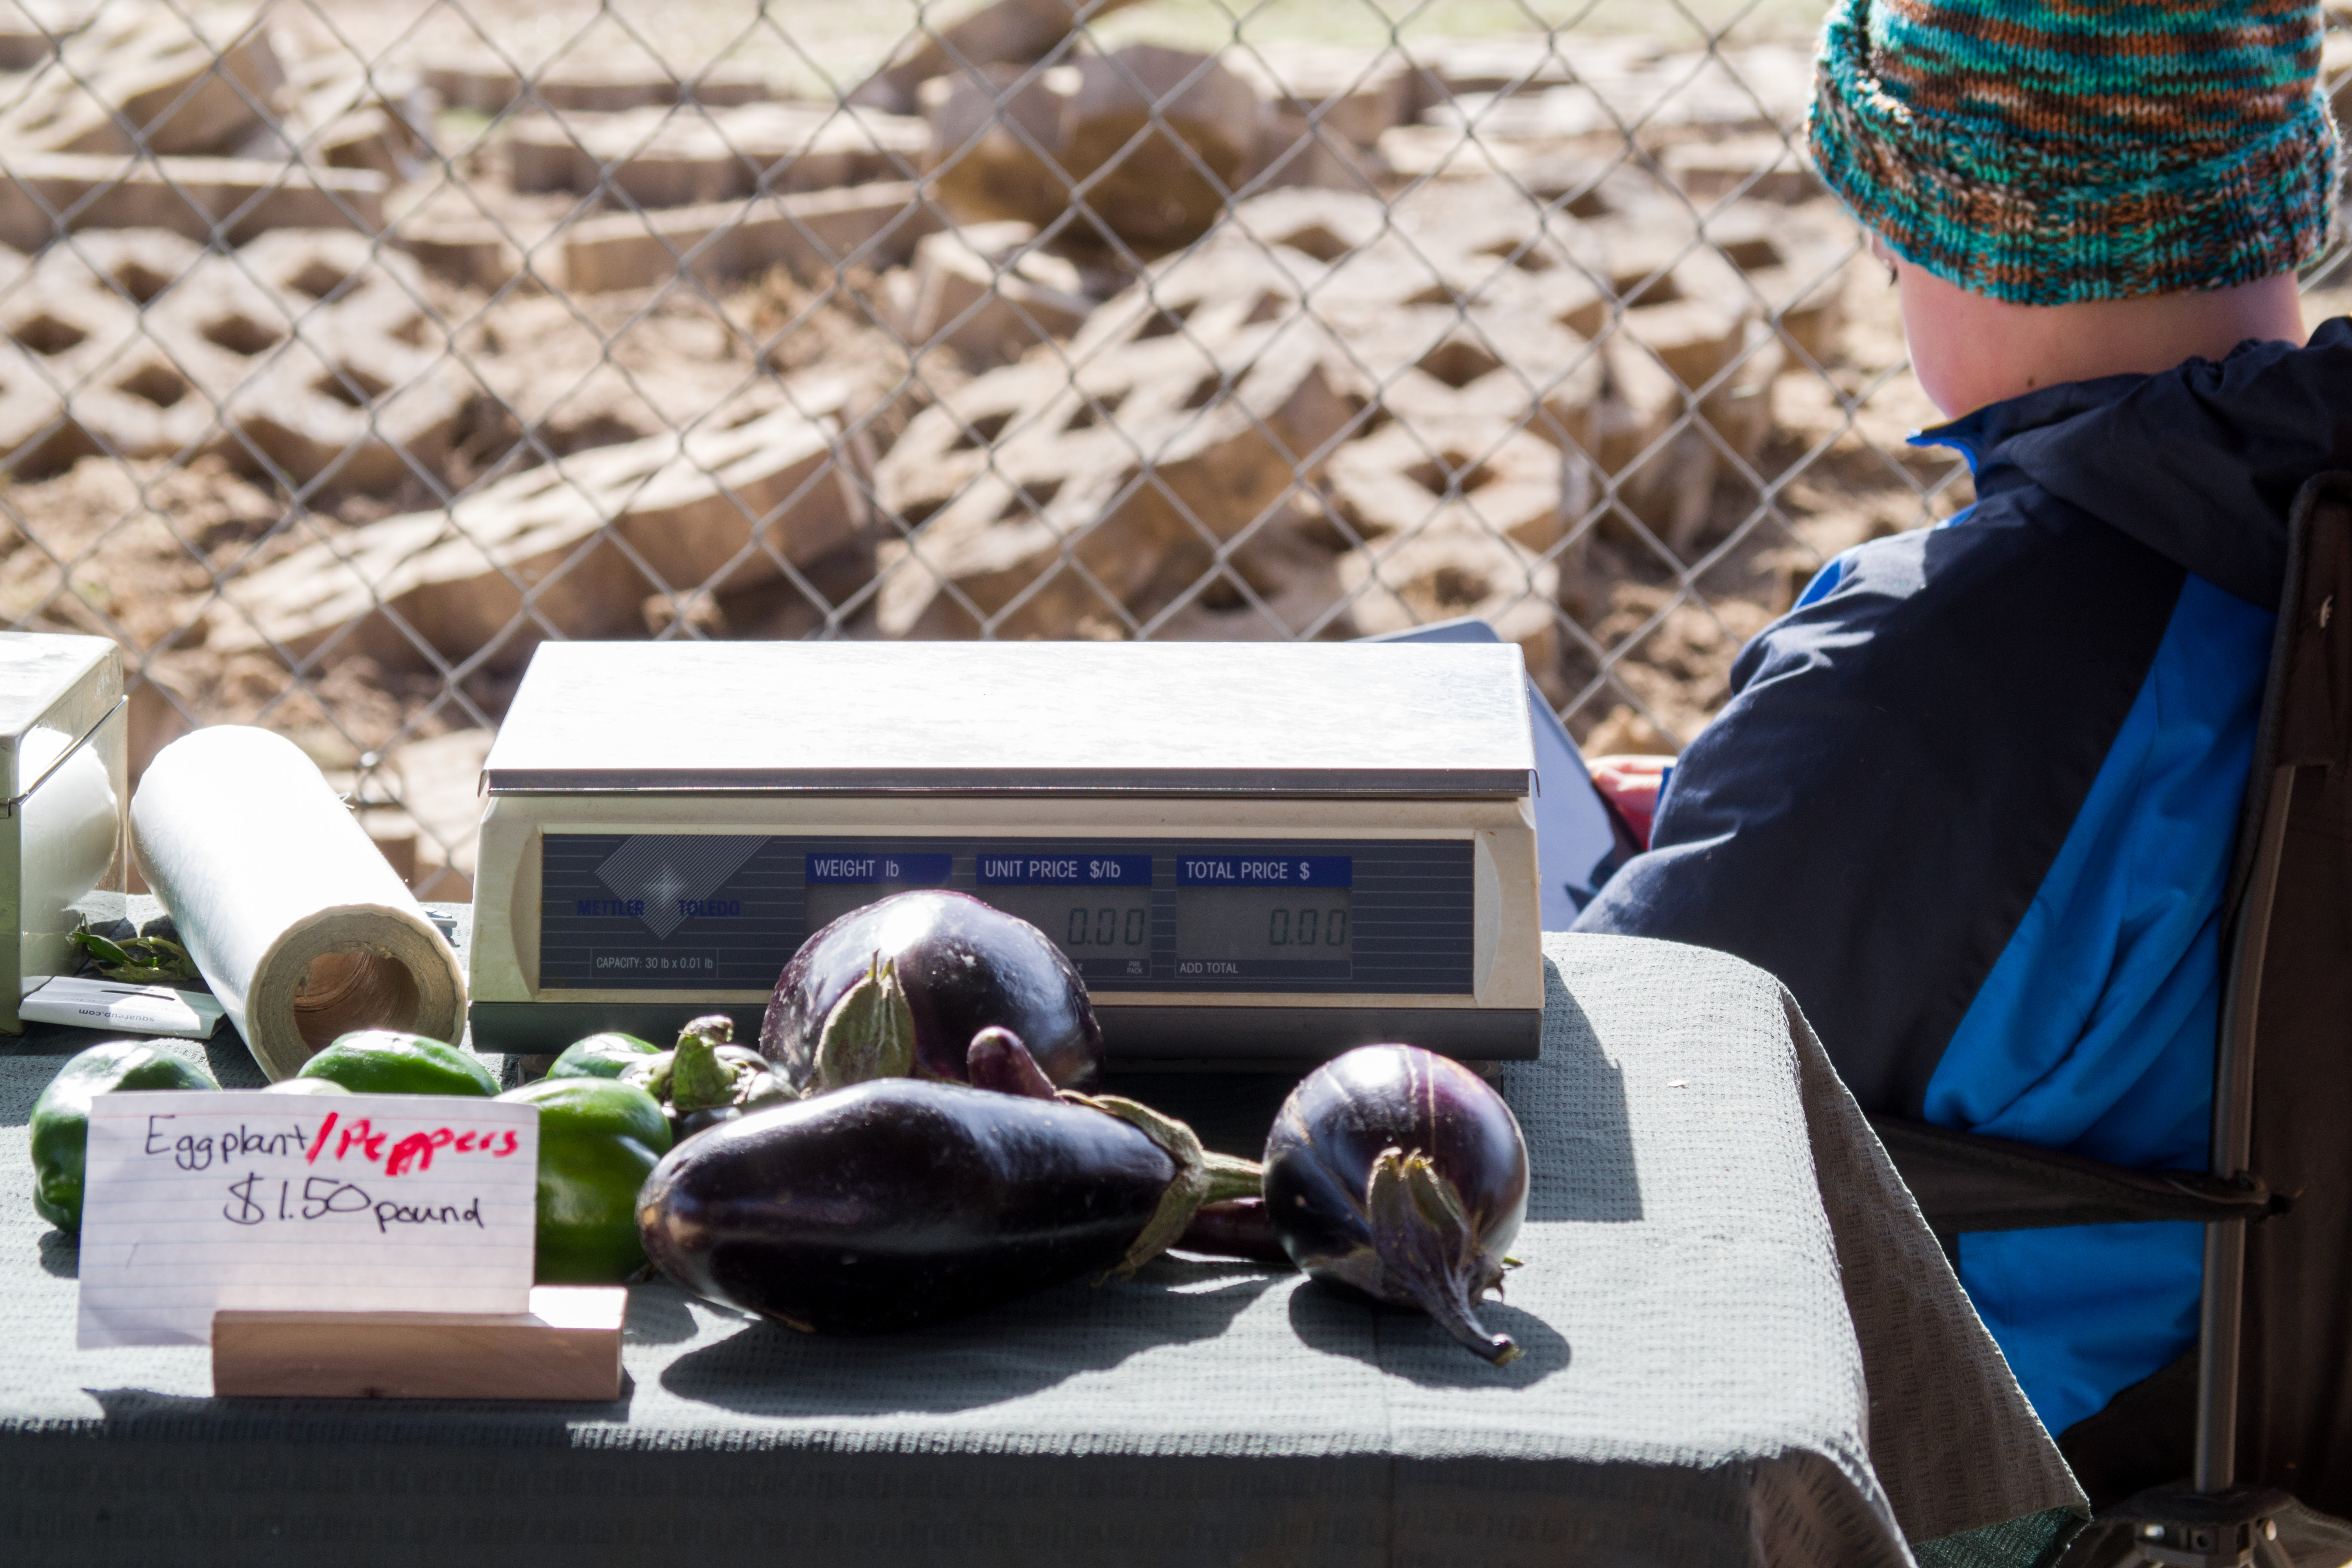 Eggplants and vendor at table at a farmer's market. Photo © Jillian Regan 2017.